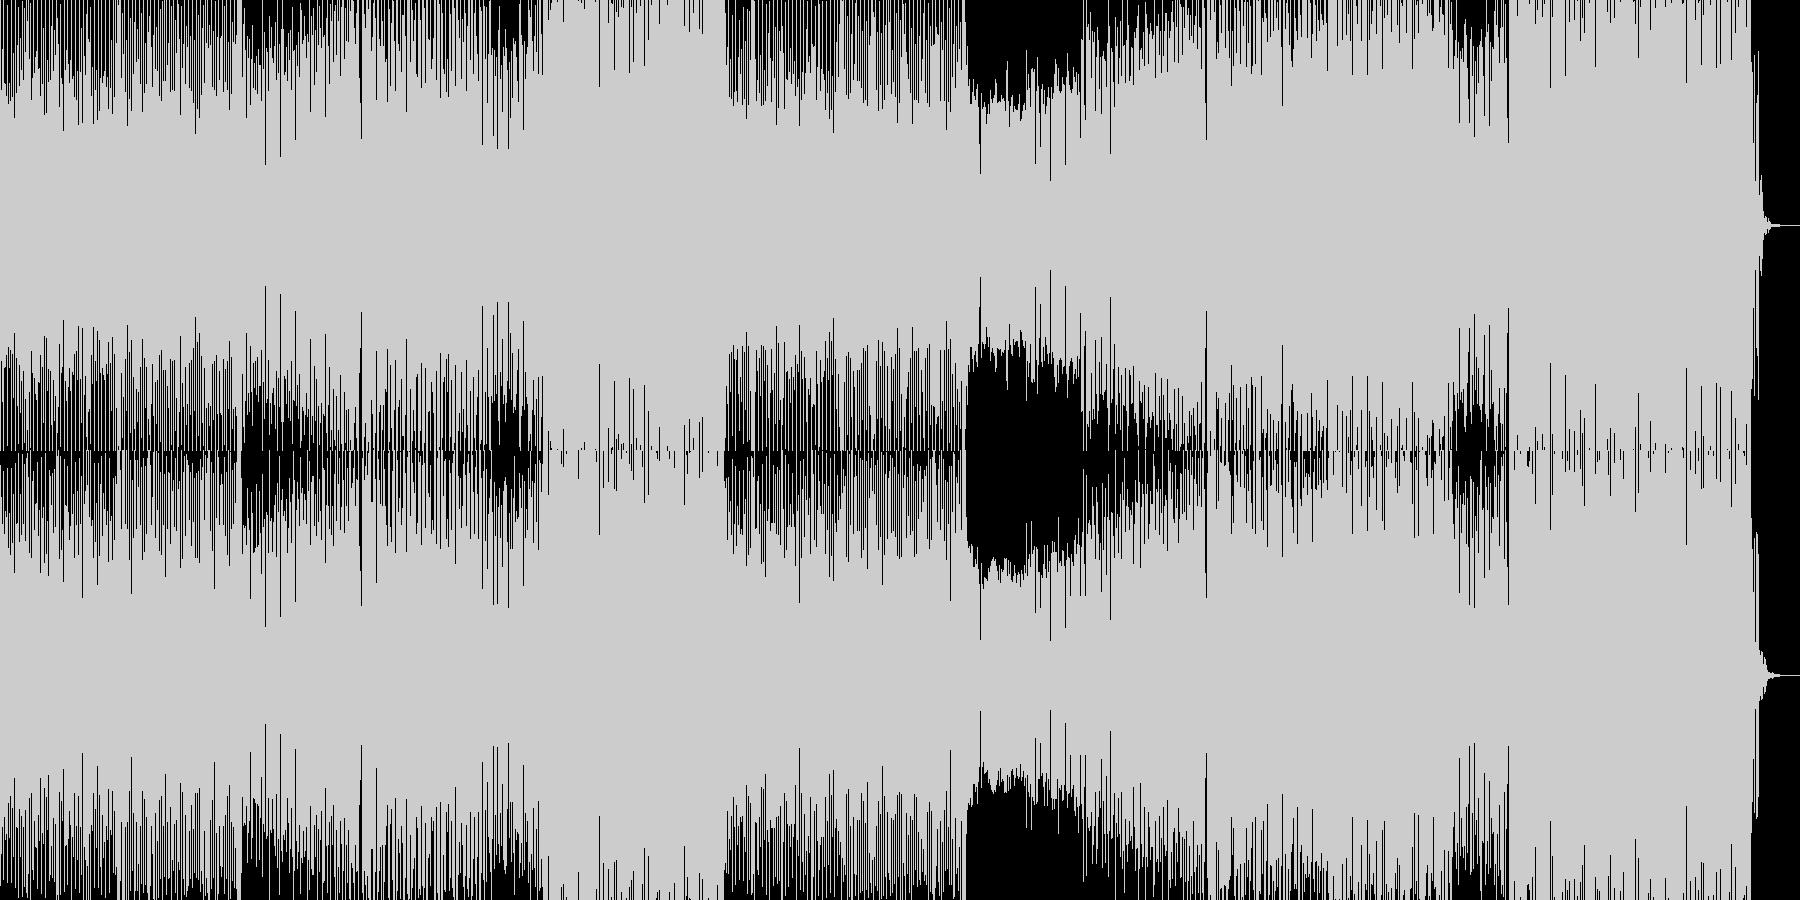 エネルギッシュでファンキーな EDMの未再生の波形